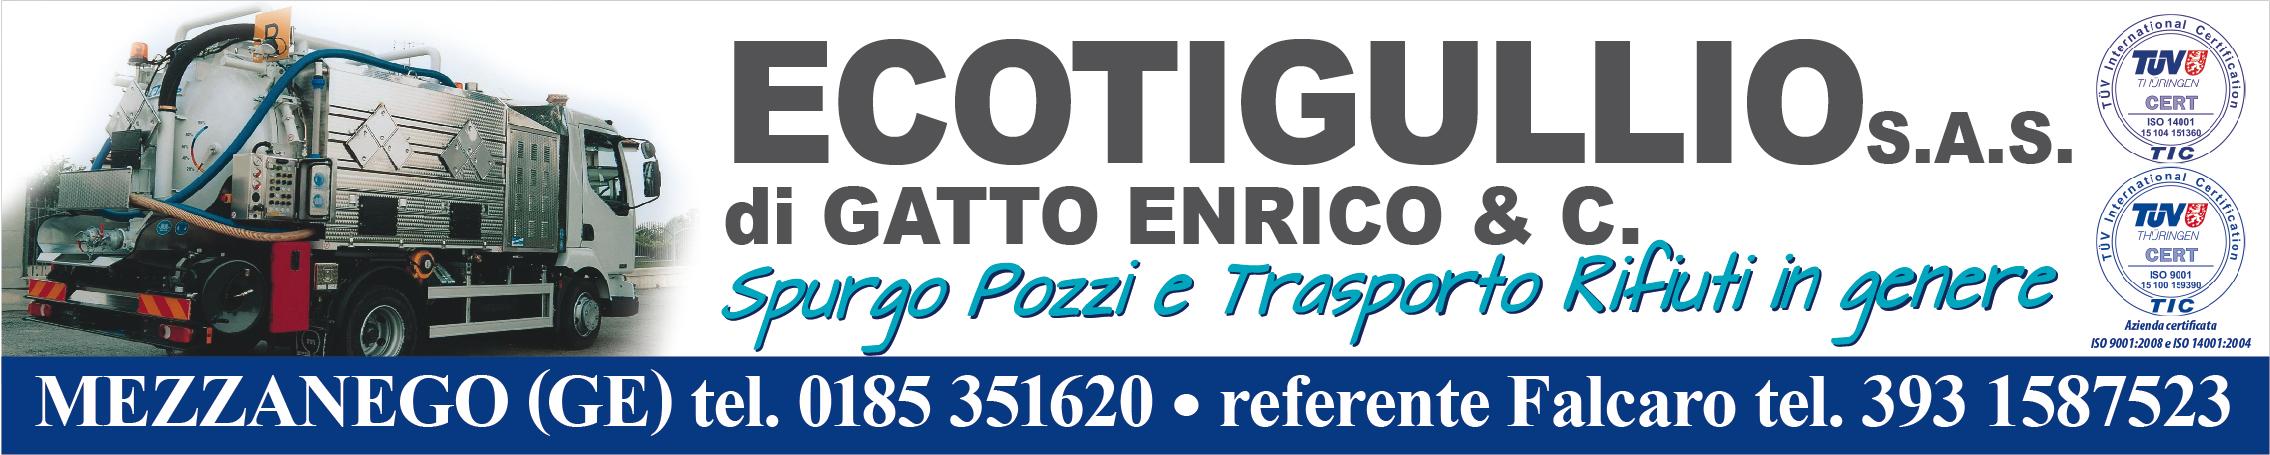 76. ecotigullio